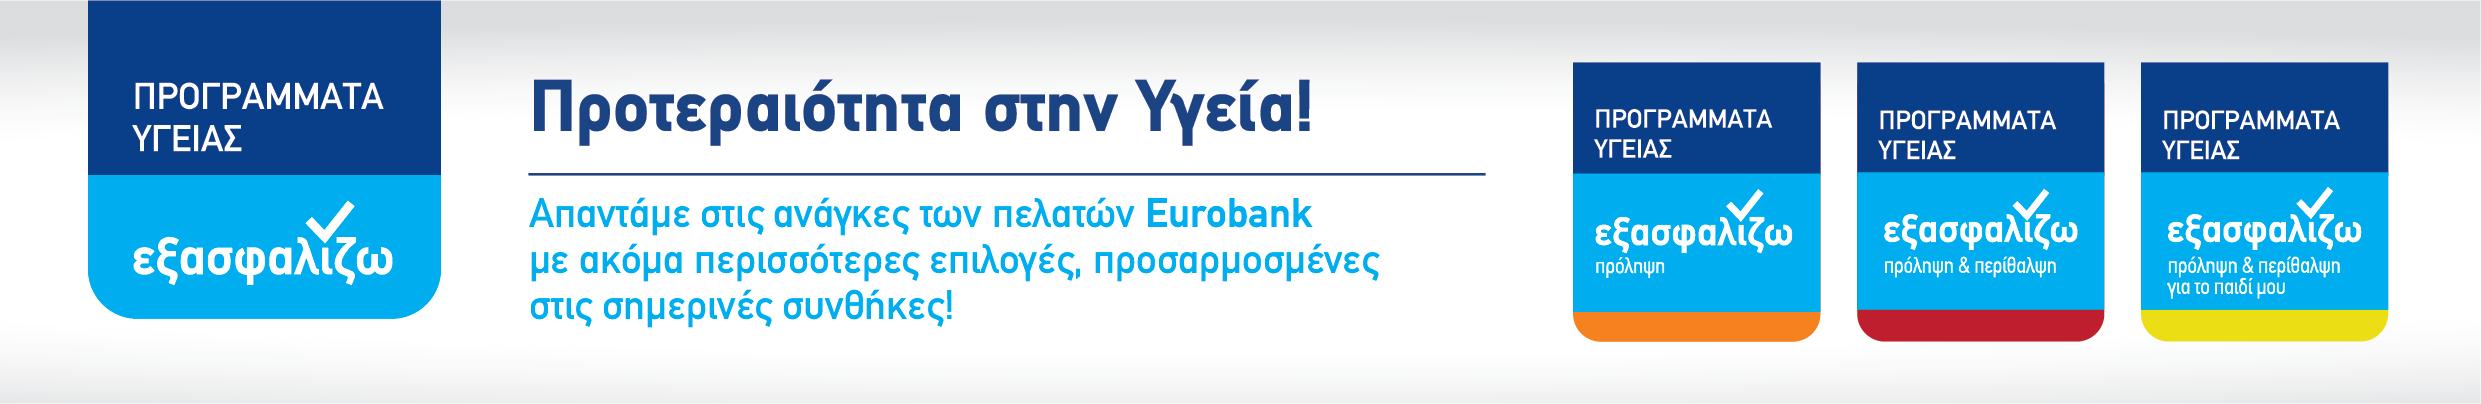 Προγράμματα Υγείας Eurolife ERB